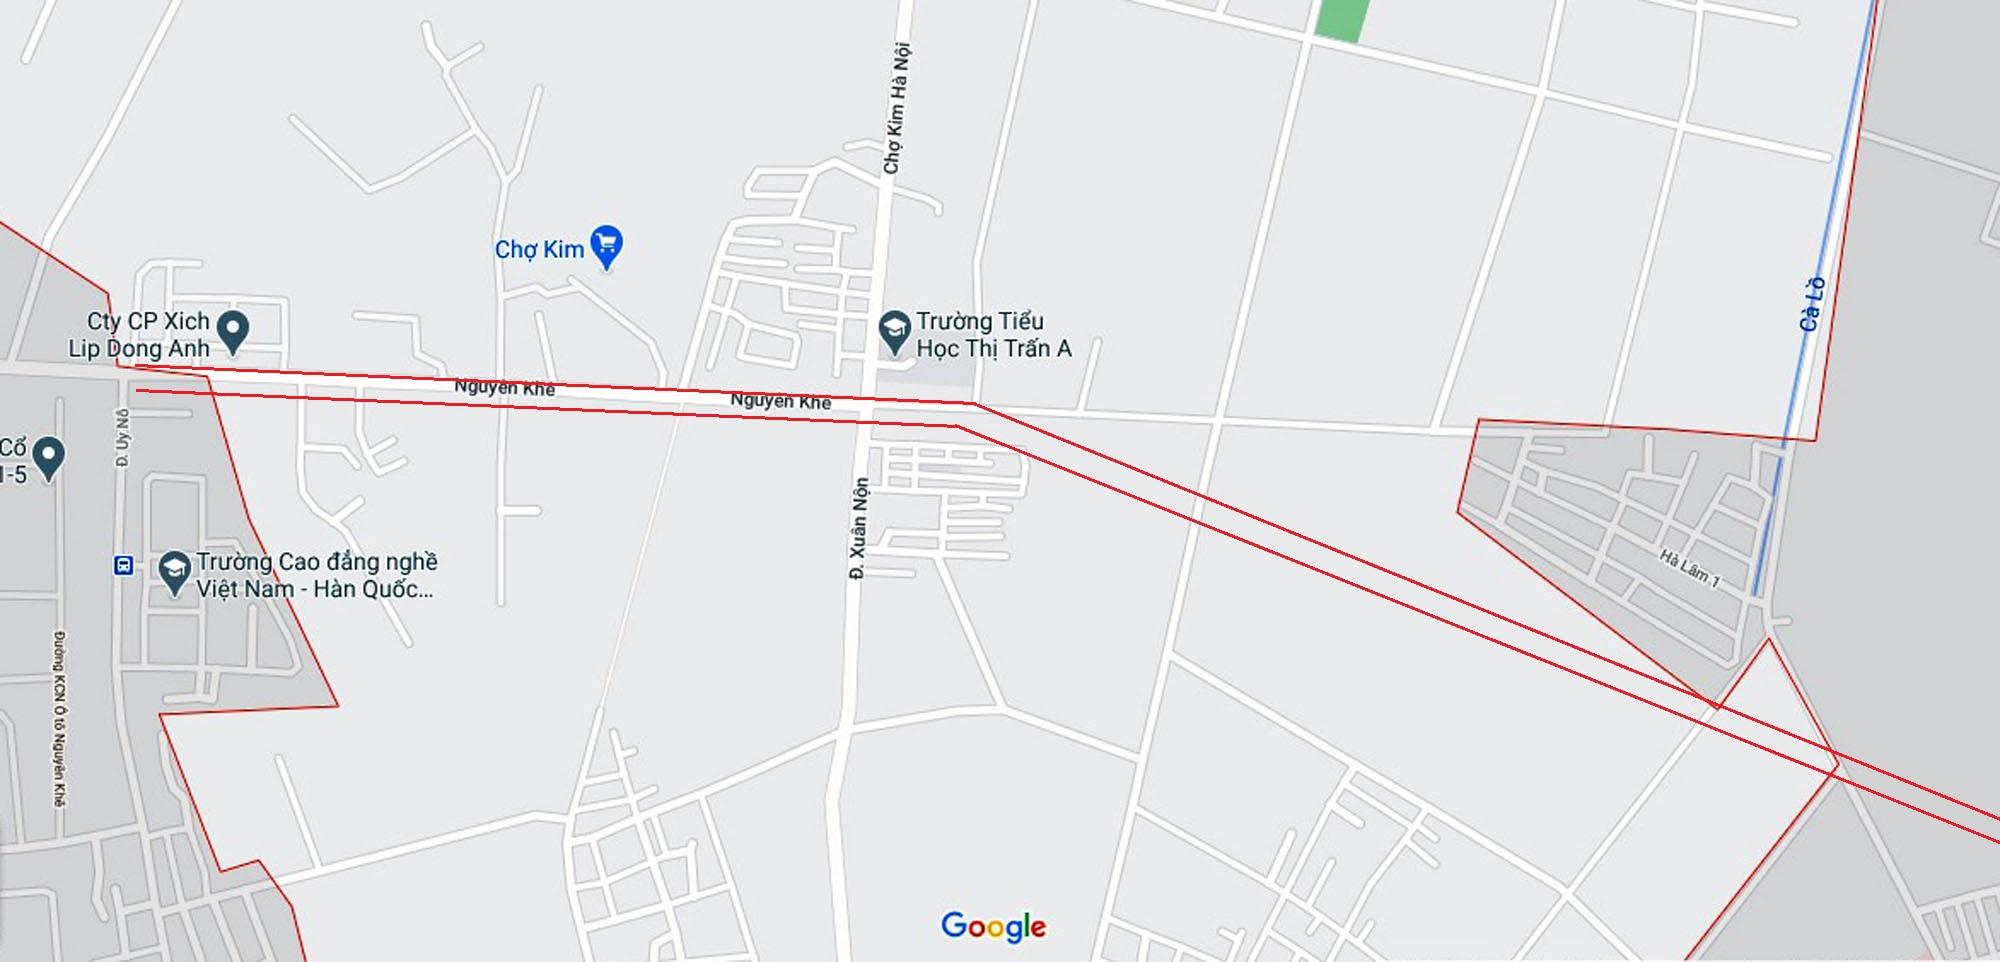 Vị trí ba đường sẽ mở theo qui hoạch ở xã Xuân Nộn, Đông Anh, Hà Nội - Ảnh 2.